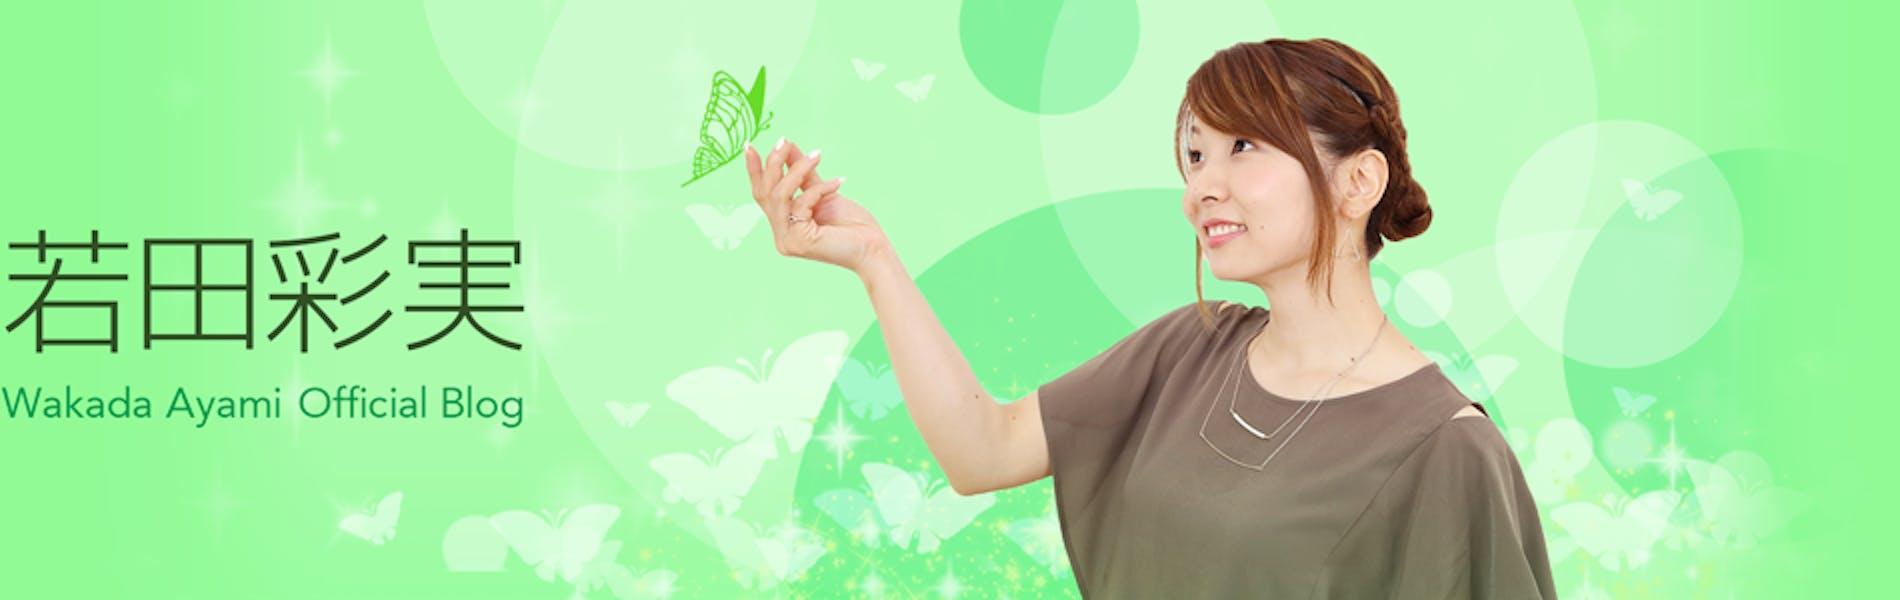 若田彩実 オフィシャルブログ